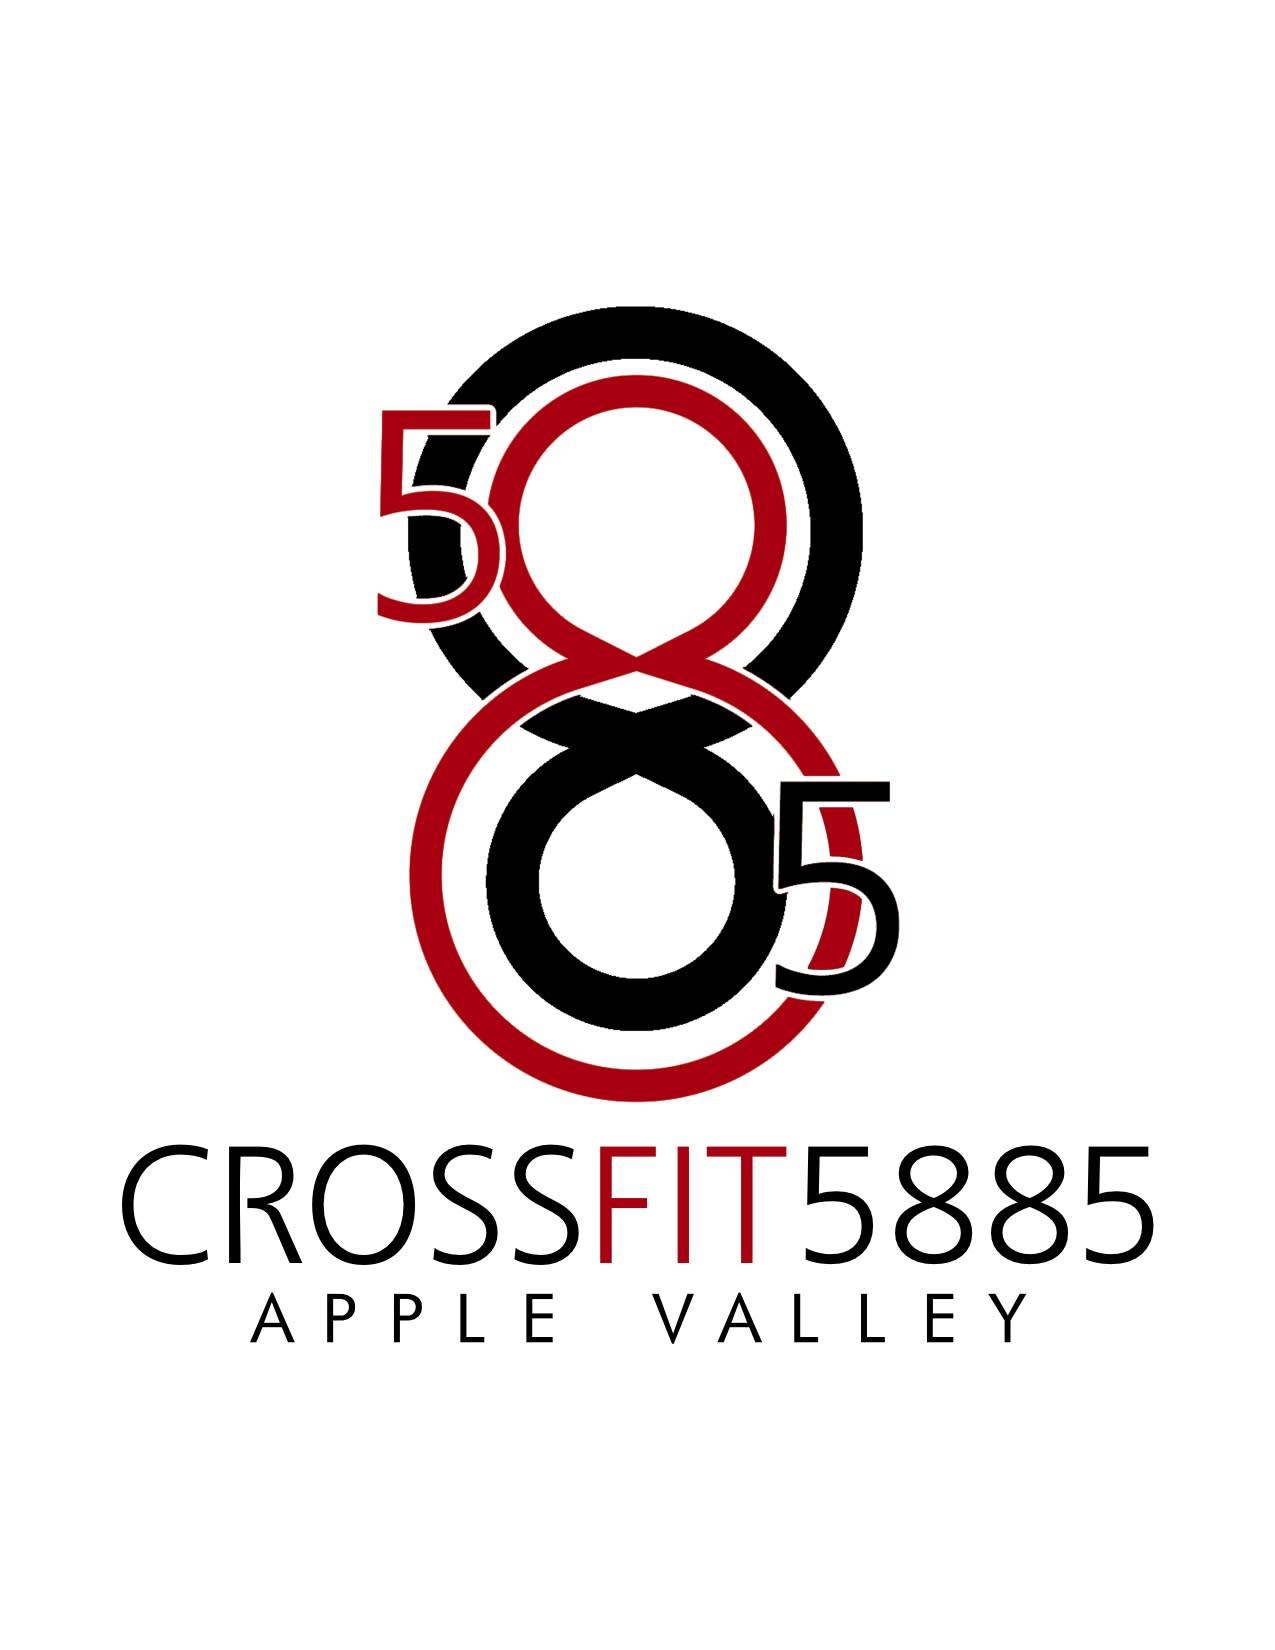 CrossFit 5885 Apple Valley